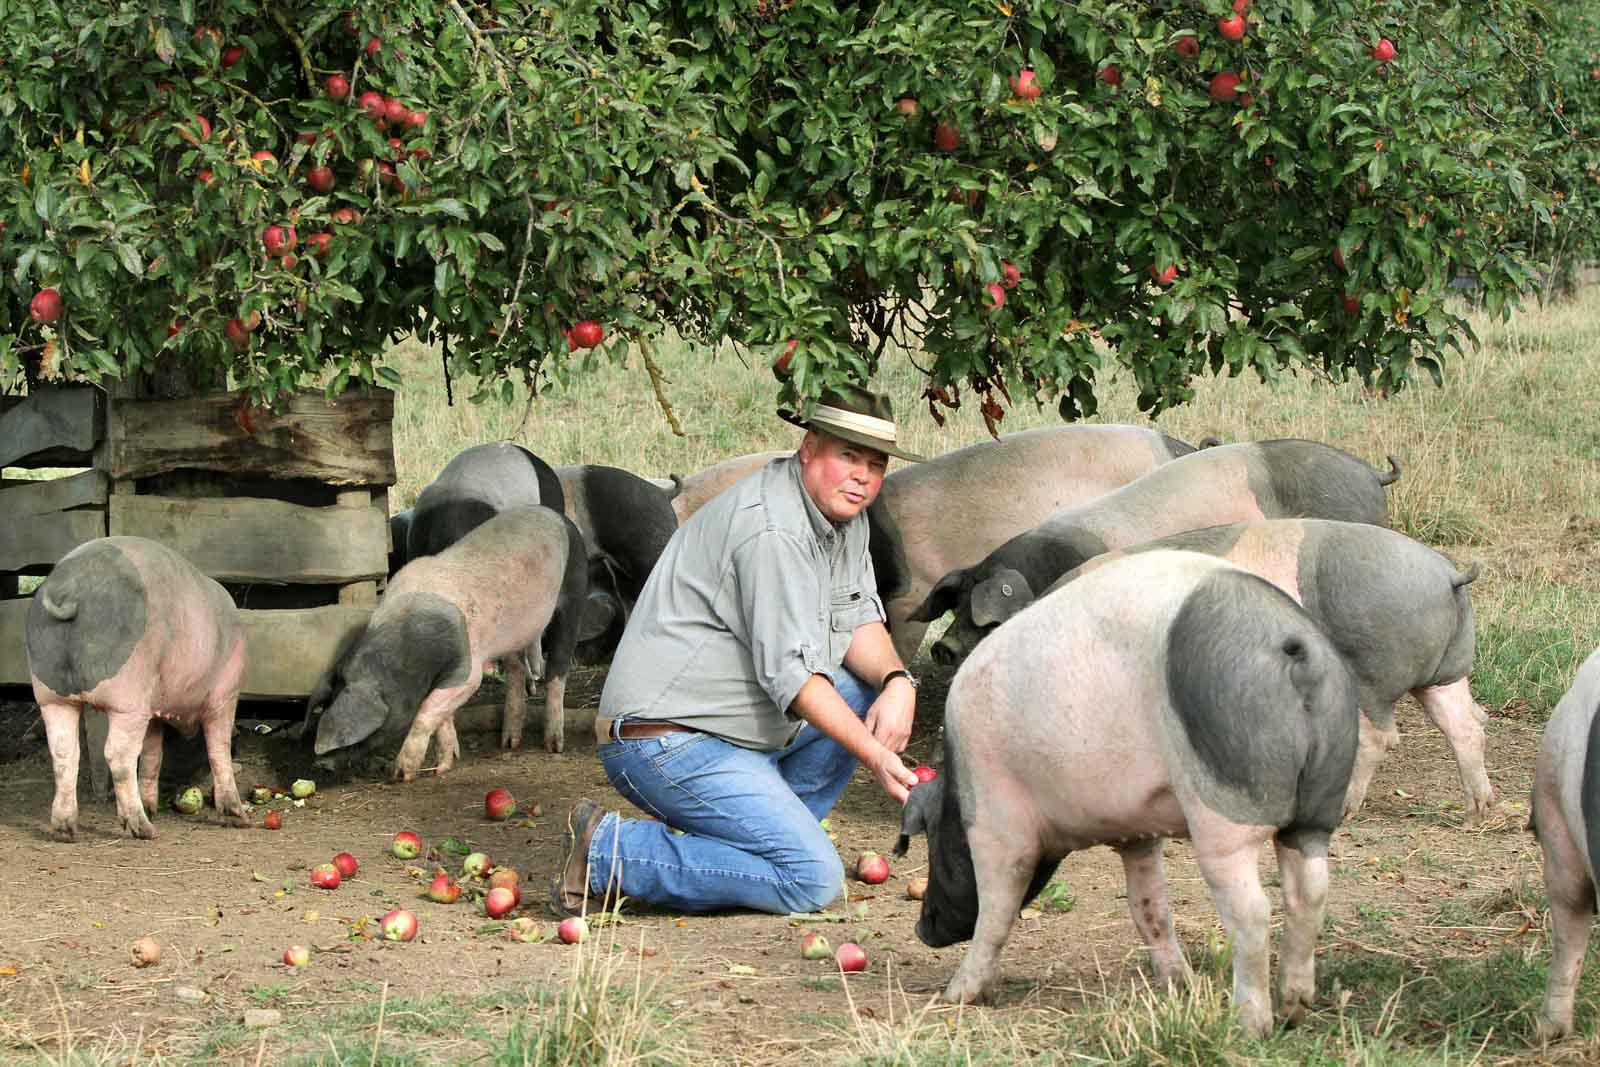 Rudolf Bühler umringt von Schweinen unter einem Apfelbaum